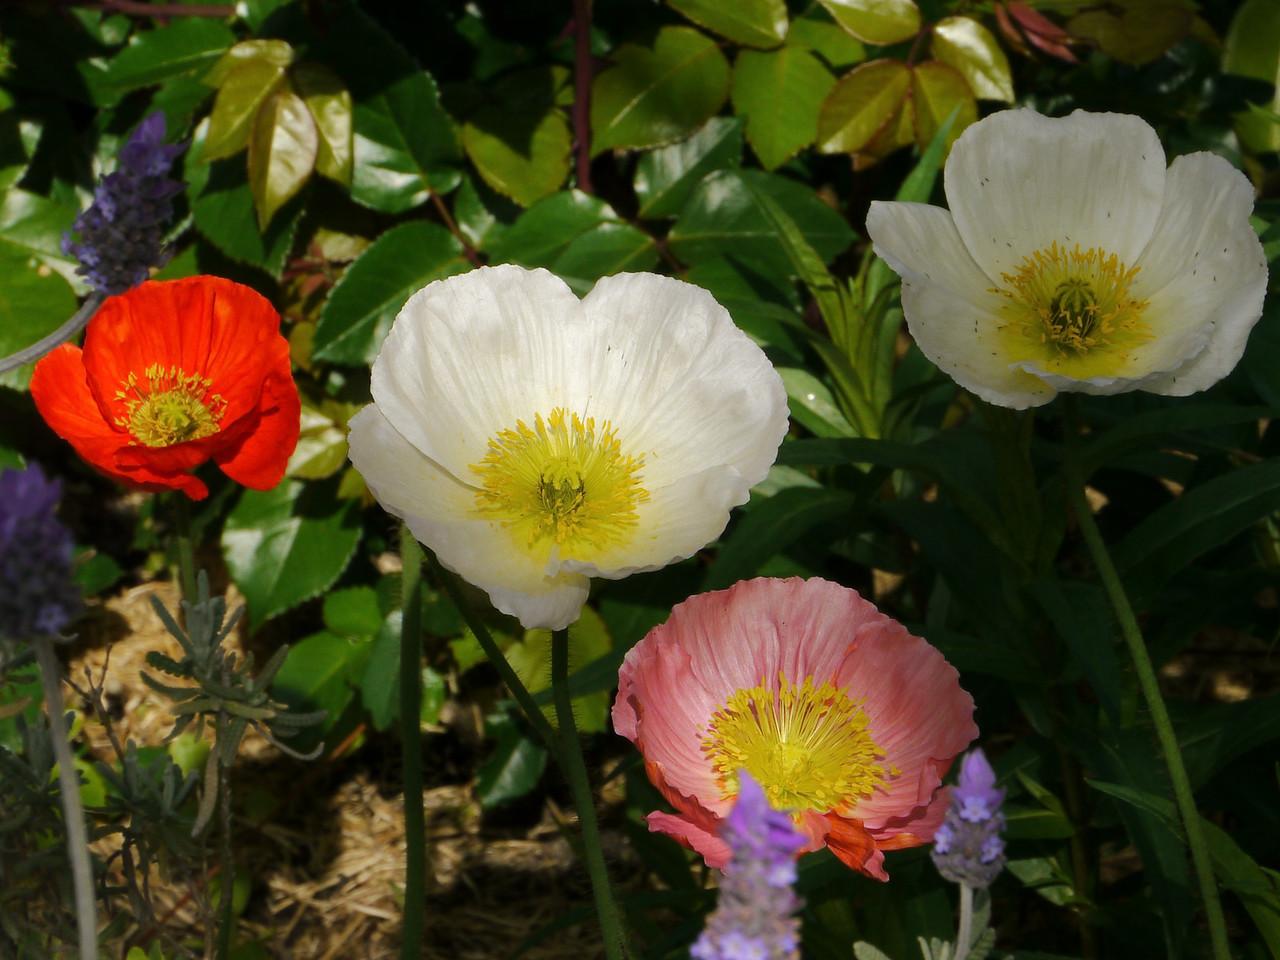 20121018_0900_4074 poppy